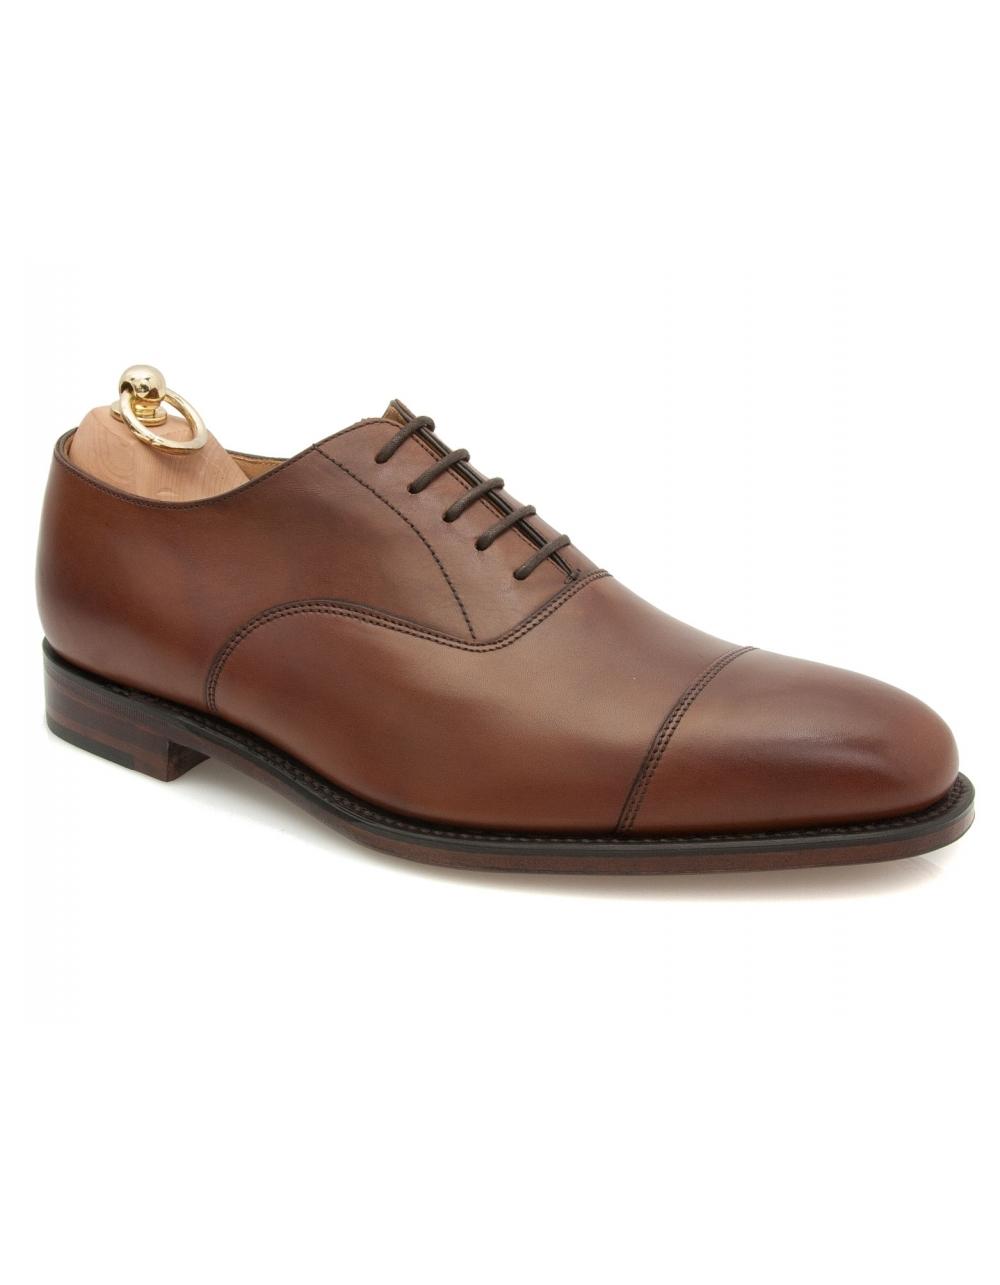 5b0b5c36796 Aldwych burnished calf oxford shoe - Mahogany   Fields Menswear